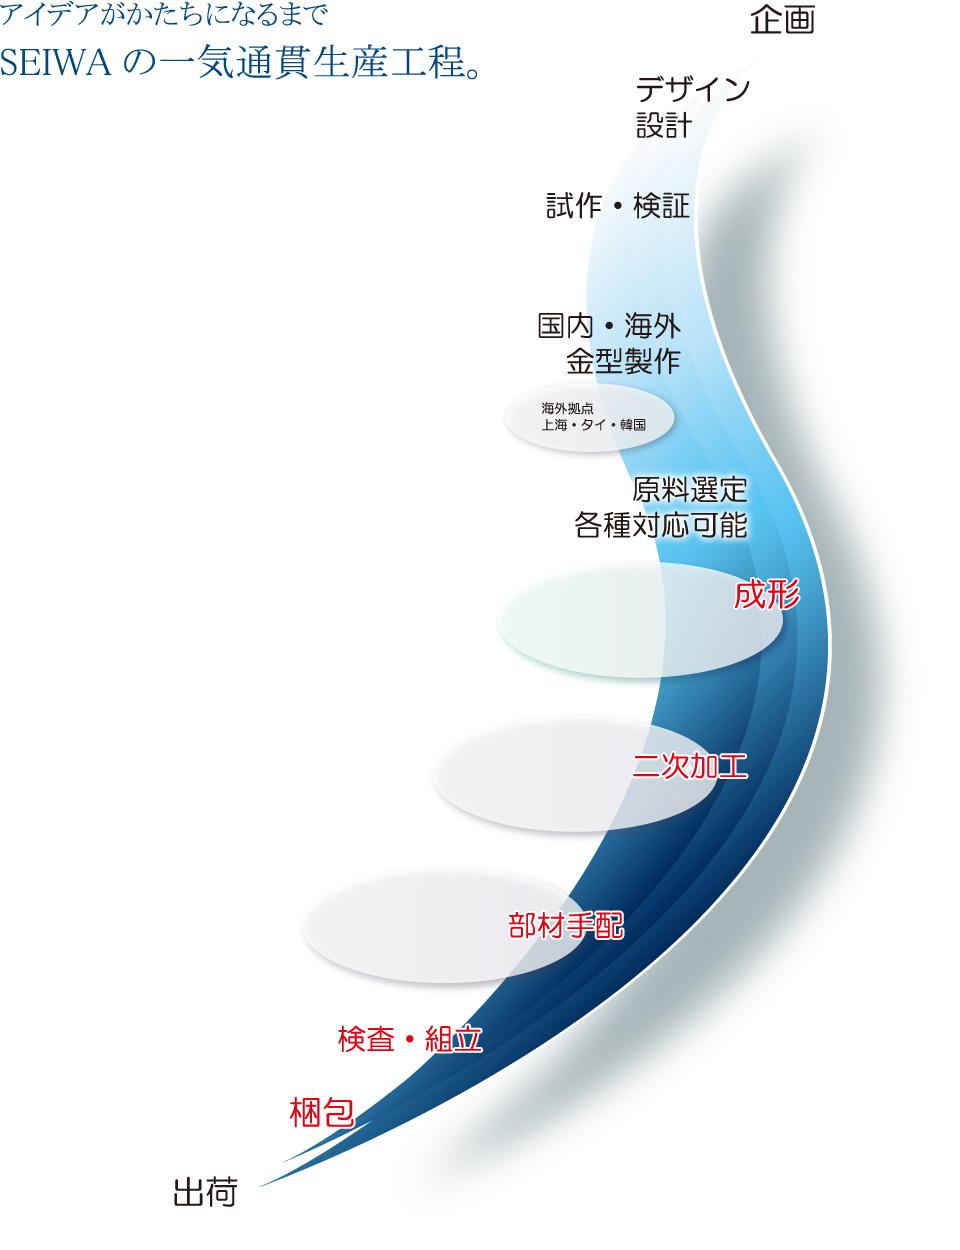 アイデアがかたちになるまで SEIWAの一気通貫生産工程。